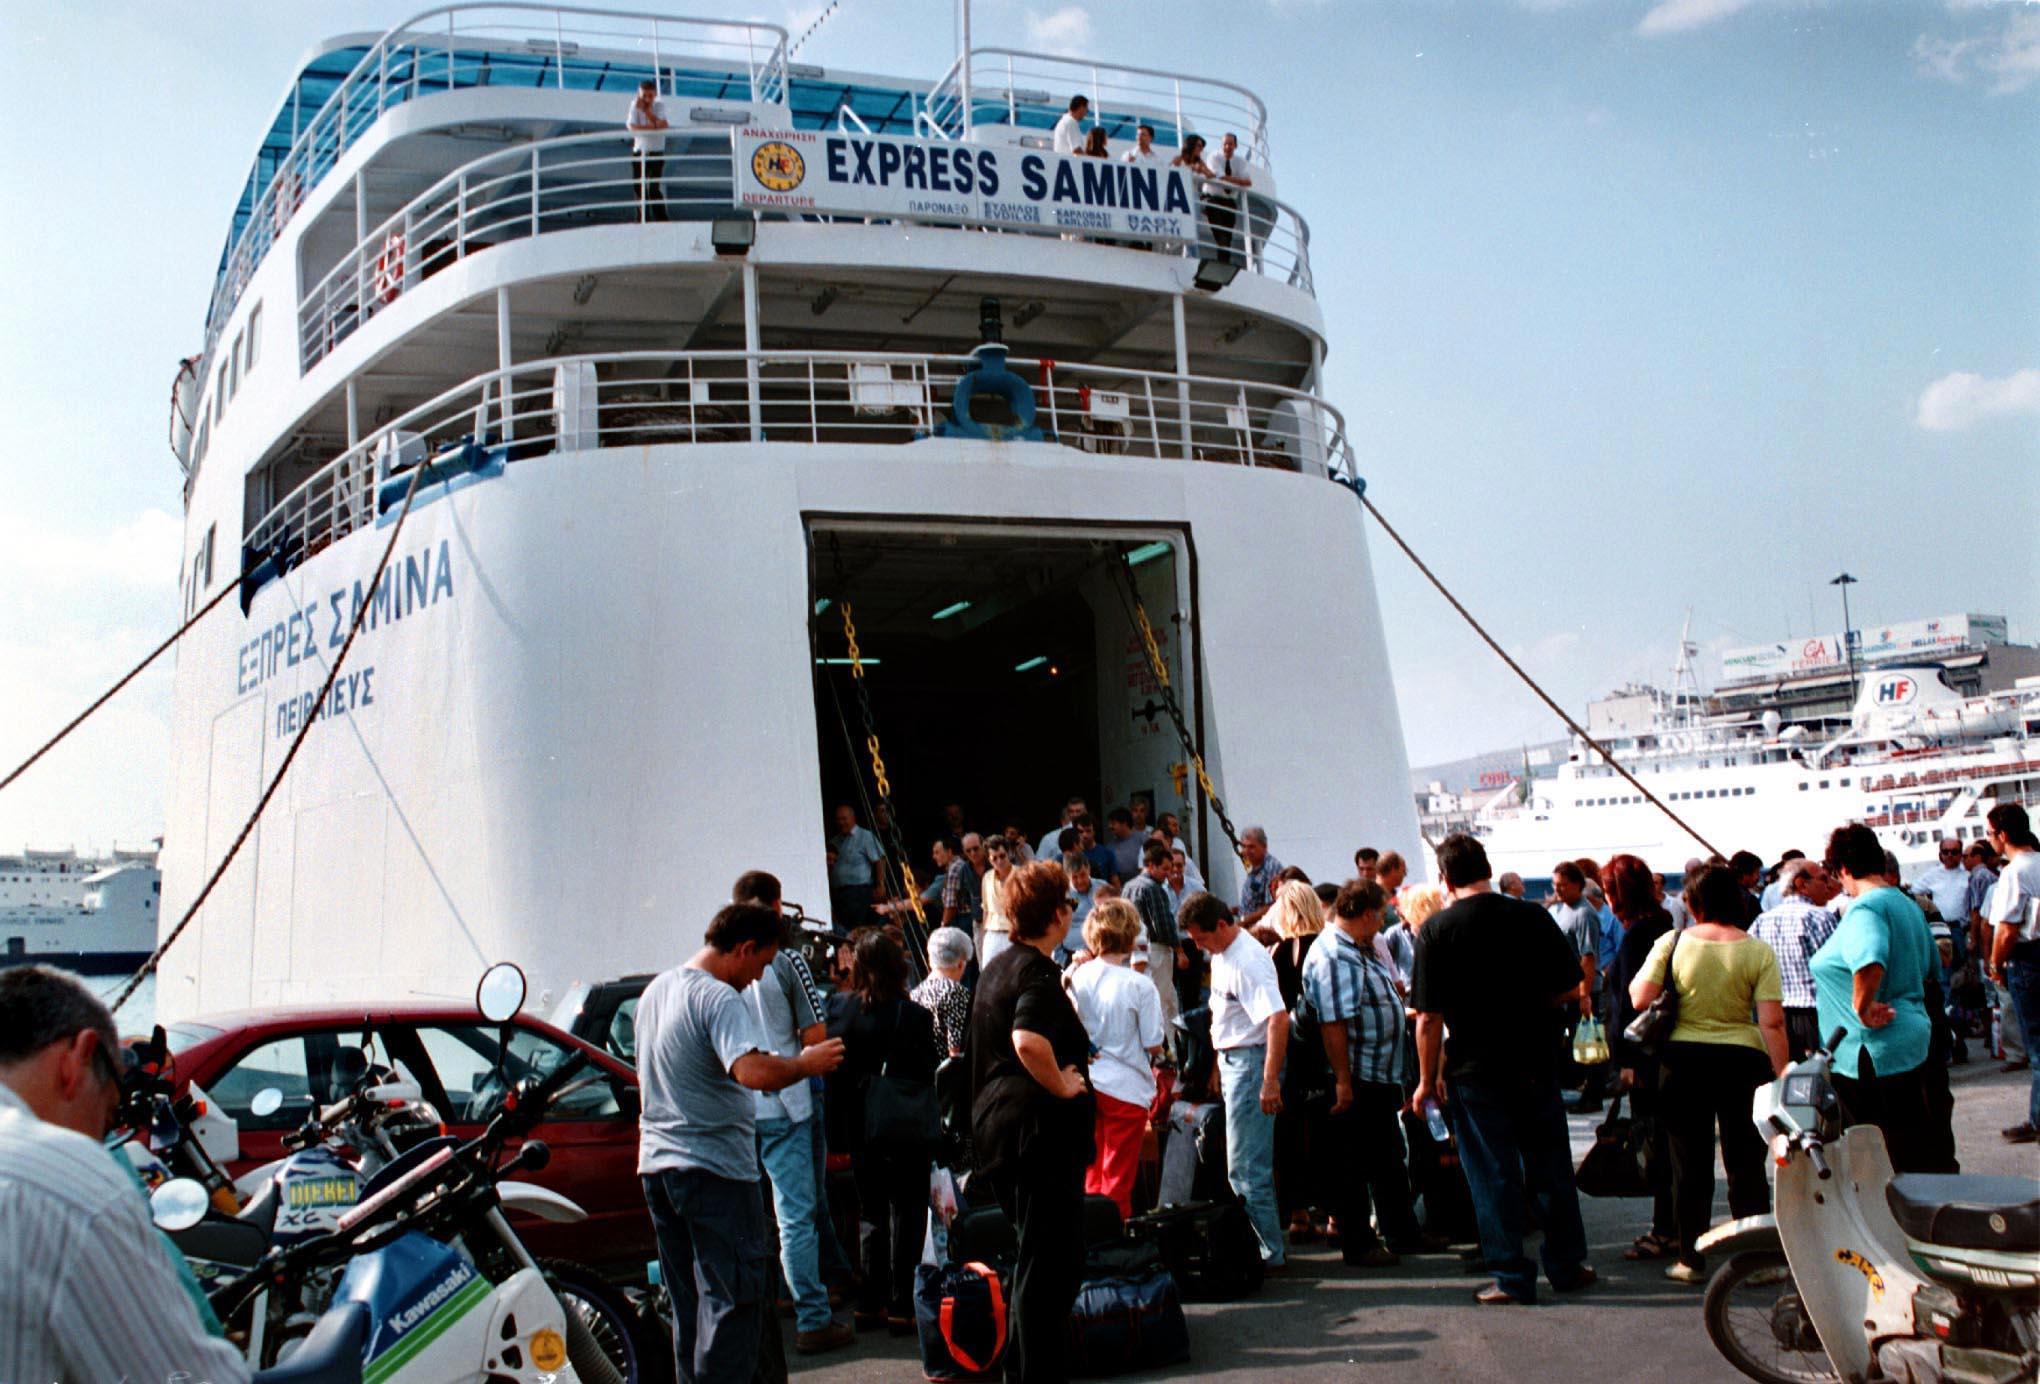 Φωτογραφία του «Εξπρές Σάμινα» στο λιμάνι του Πειραιά  στις 14 Σεπτεμβρίου 2000